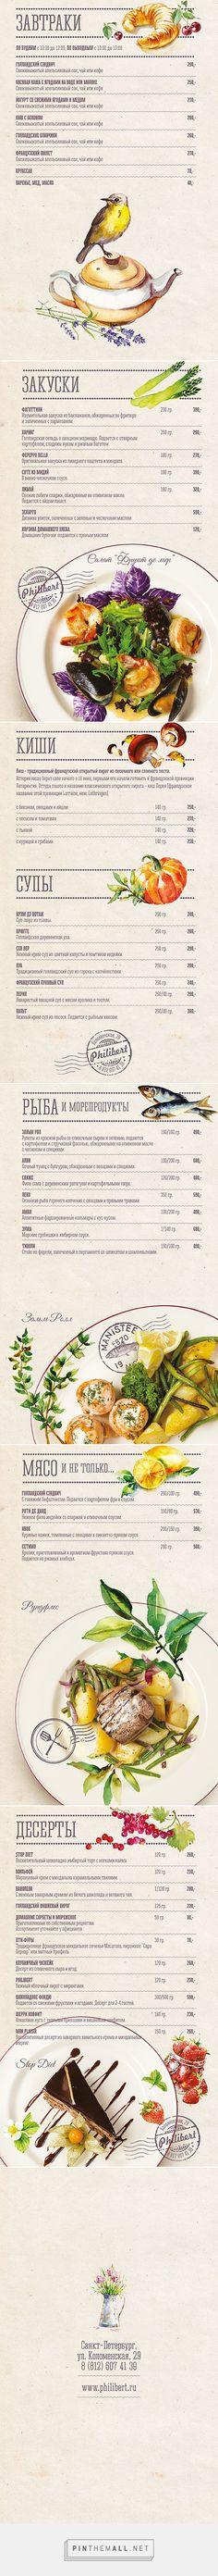 Меню кафе Philibert | Маркетинговое агентство Resto PR http://restopr.ru/projects/%D0%BC%D0%B5%D0%BD%D1%8E-%D0%BA%D0%B0%D1%84%D0%B5-philibert-3/ - created via https://pinthemall.net